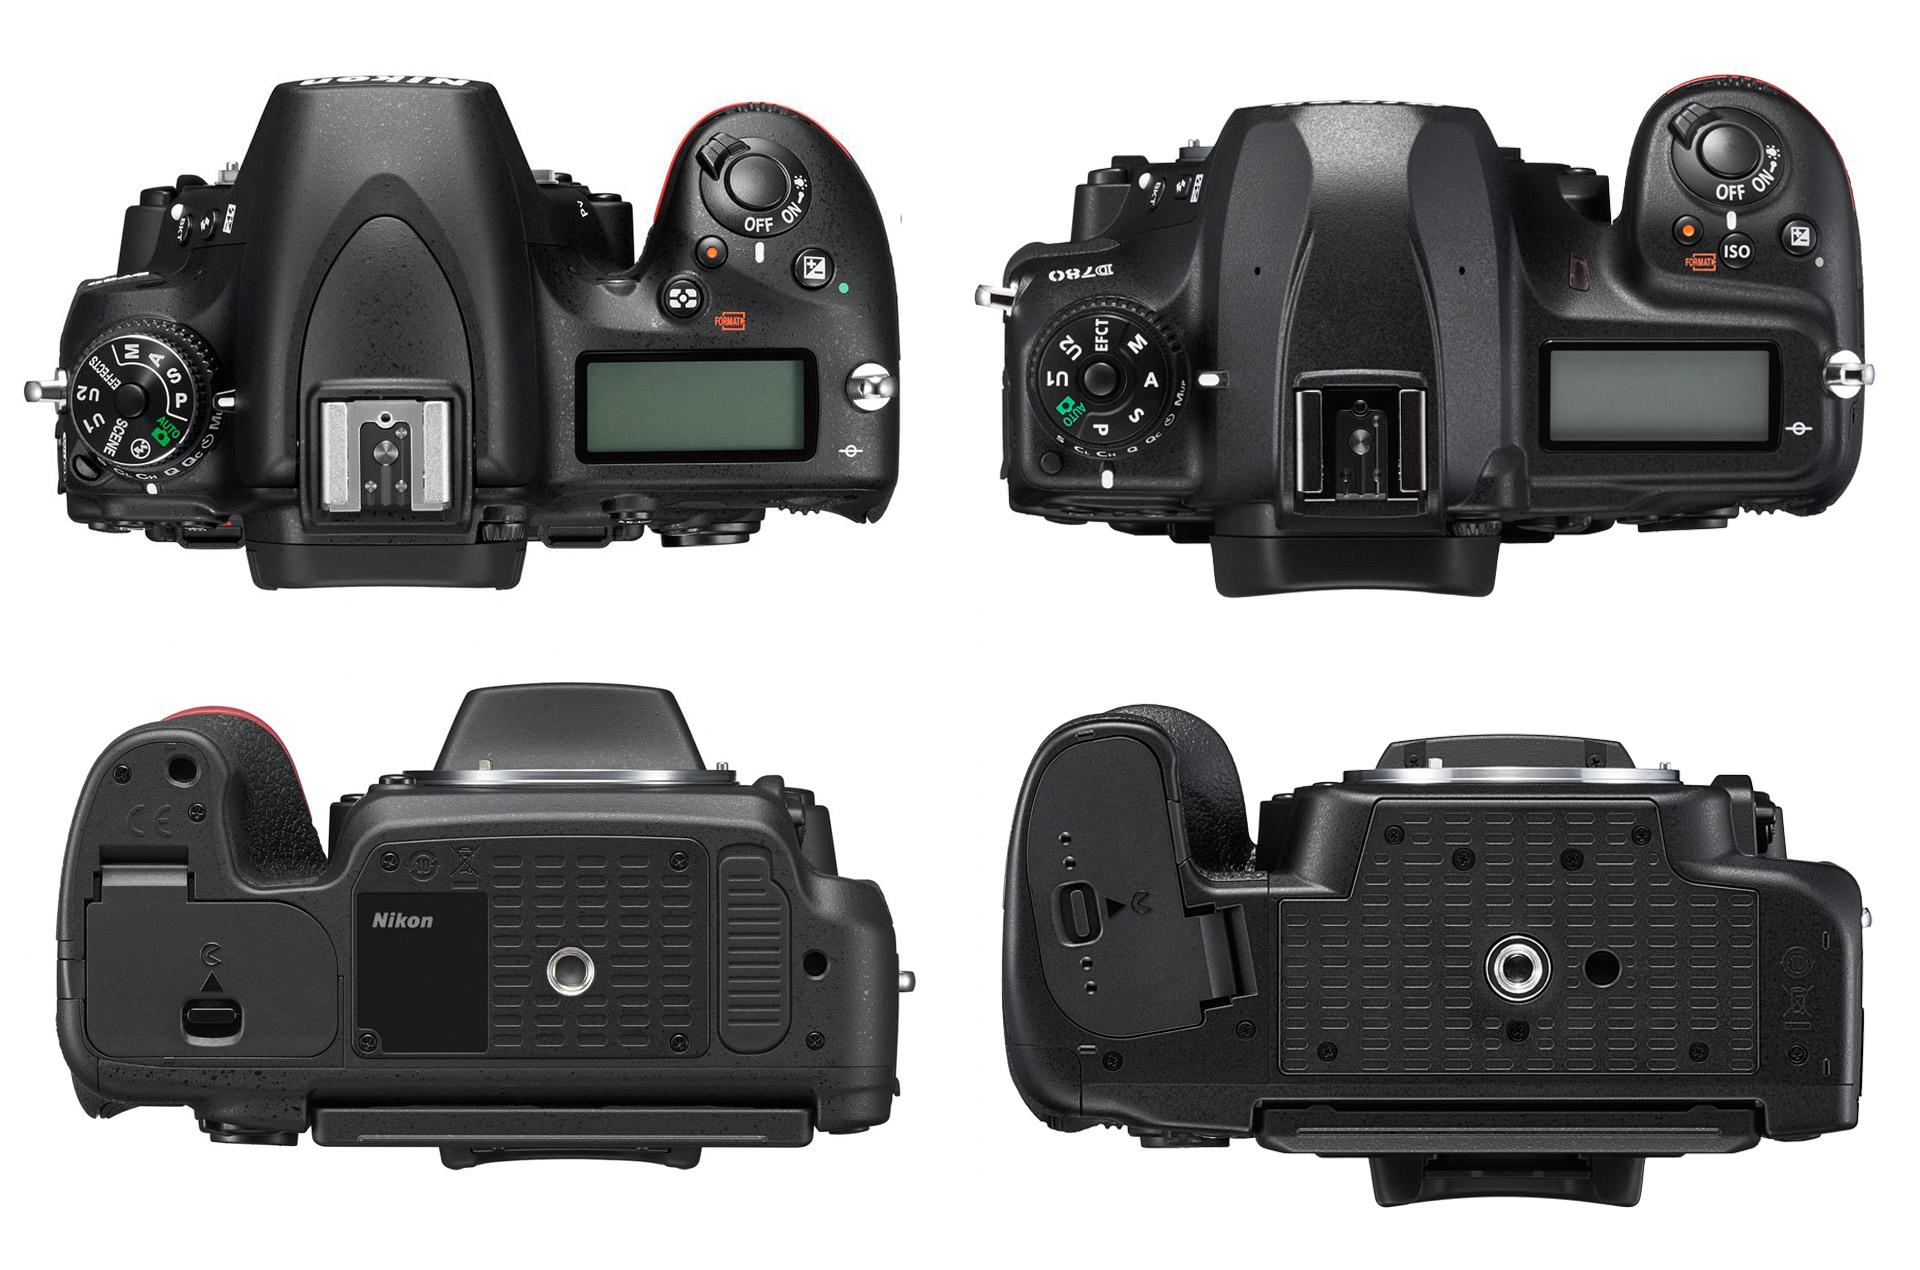 Nikon D750 vs. Nikon D780